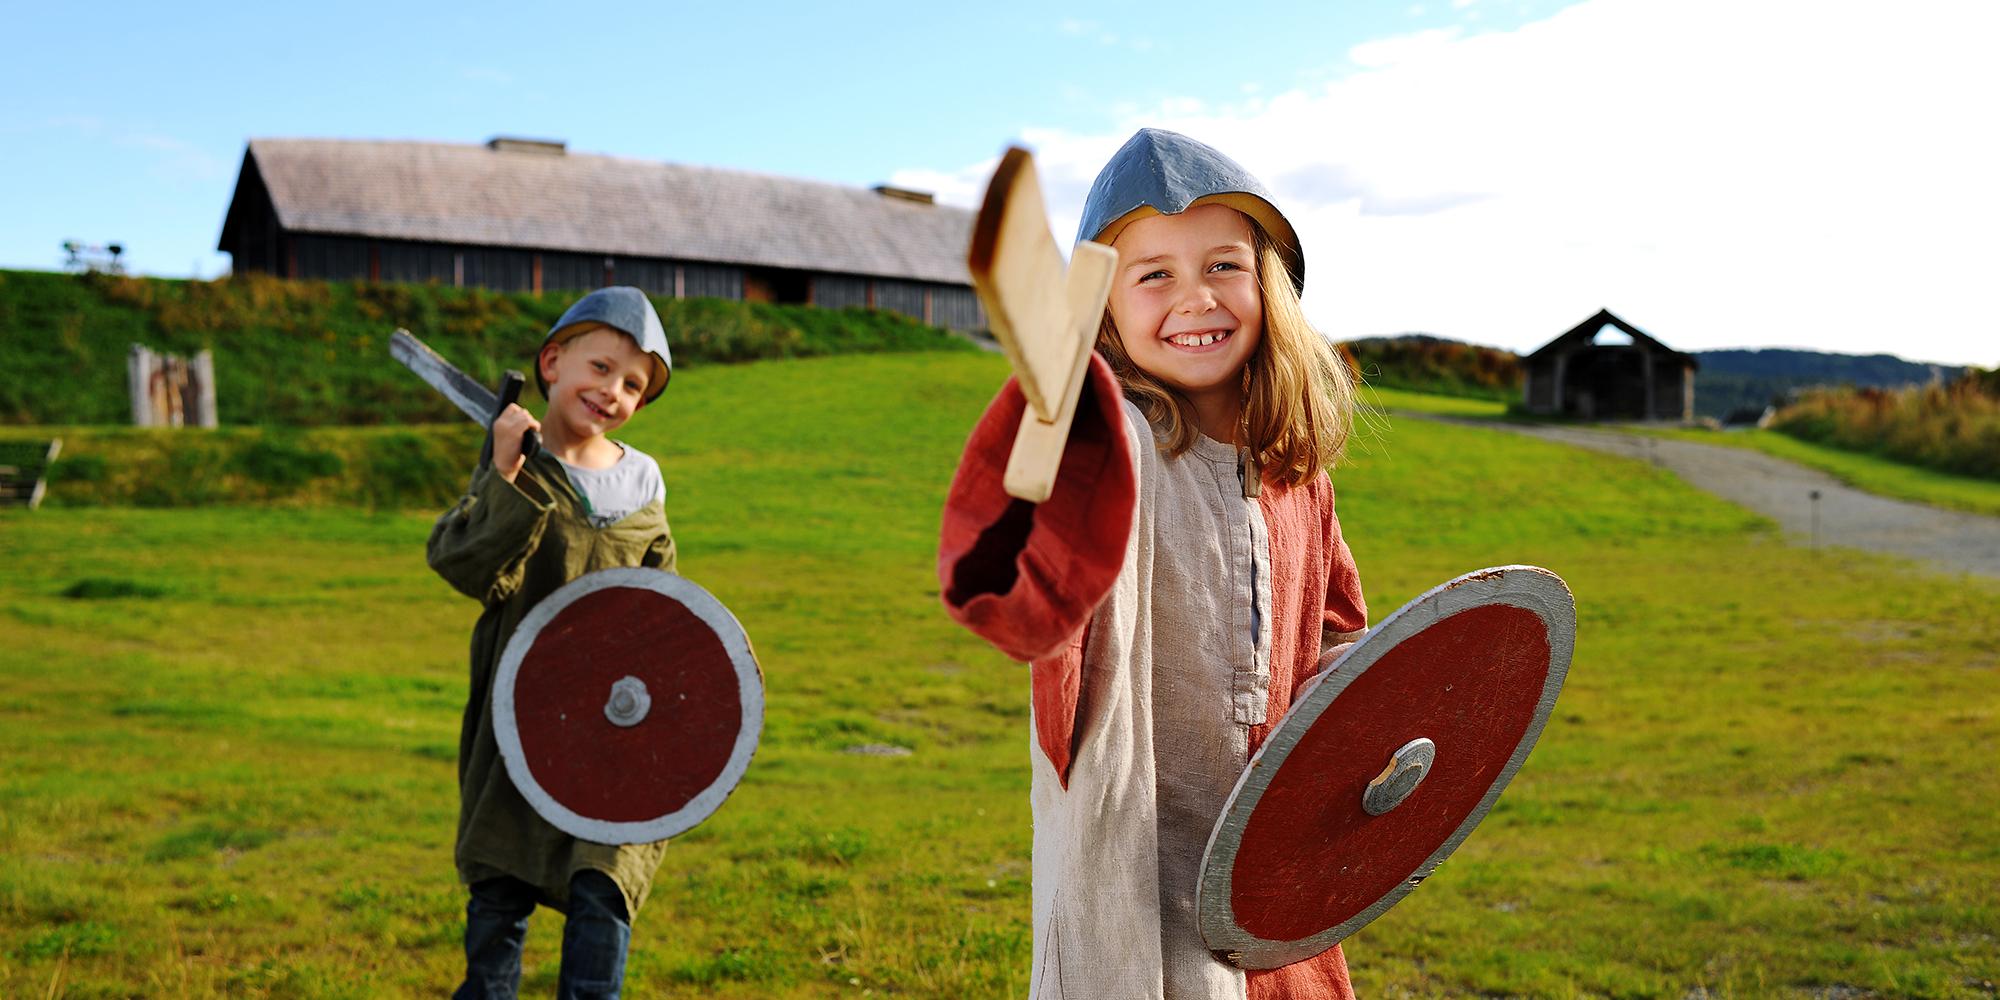 Stiklestadsommer på Stiklestad Nasjonale Kultursenter - vikingbarna - Photo: M RUA. Copyright: Stiklestad Nasjonale Kultursenter